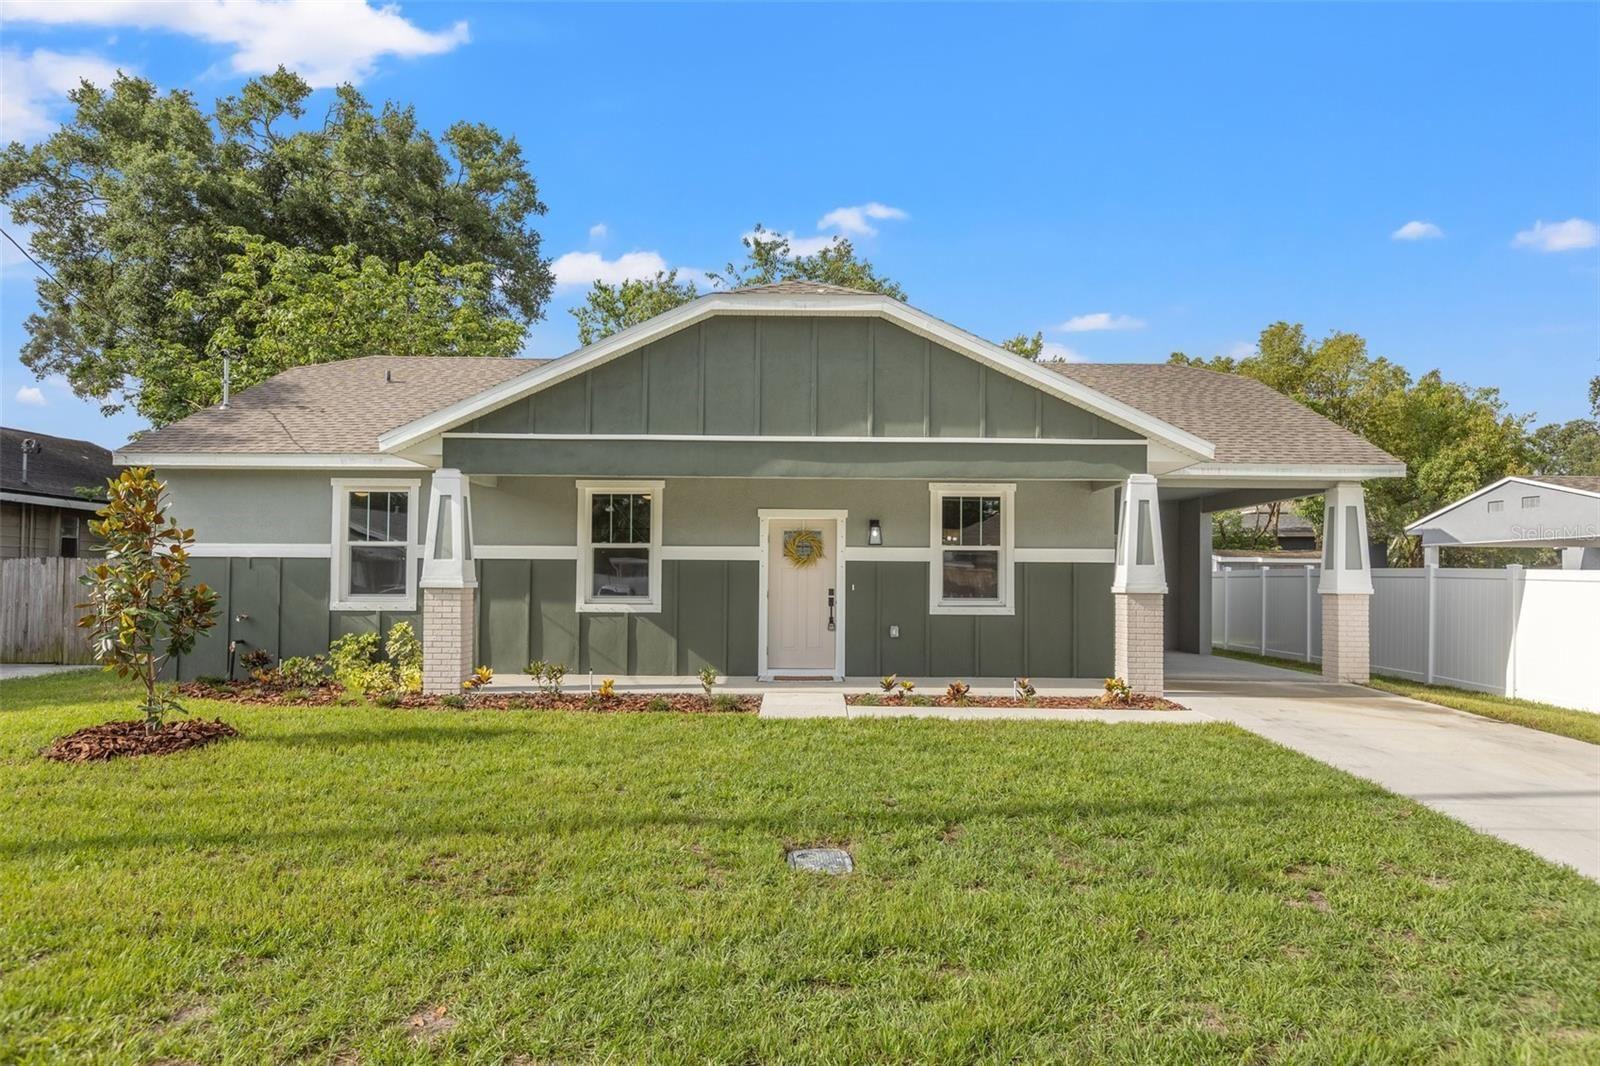 210 W CLINTON STREET, Tampa, FL 33604 - MLS#: T3298259